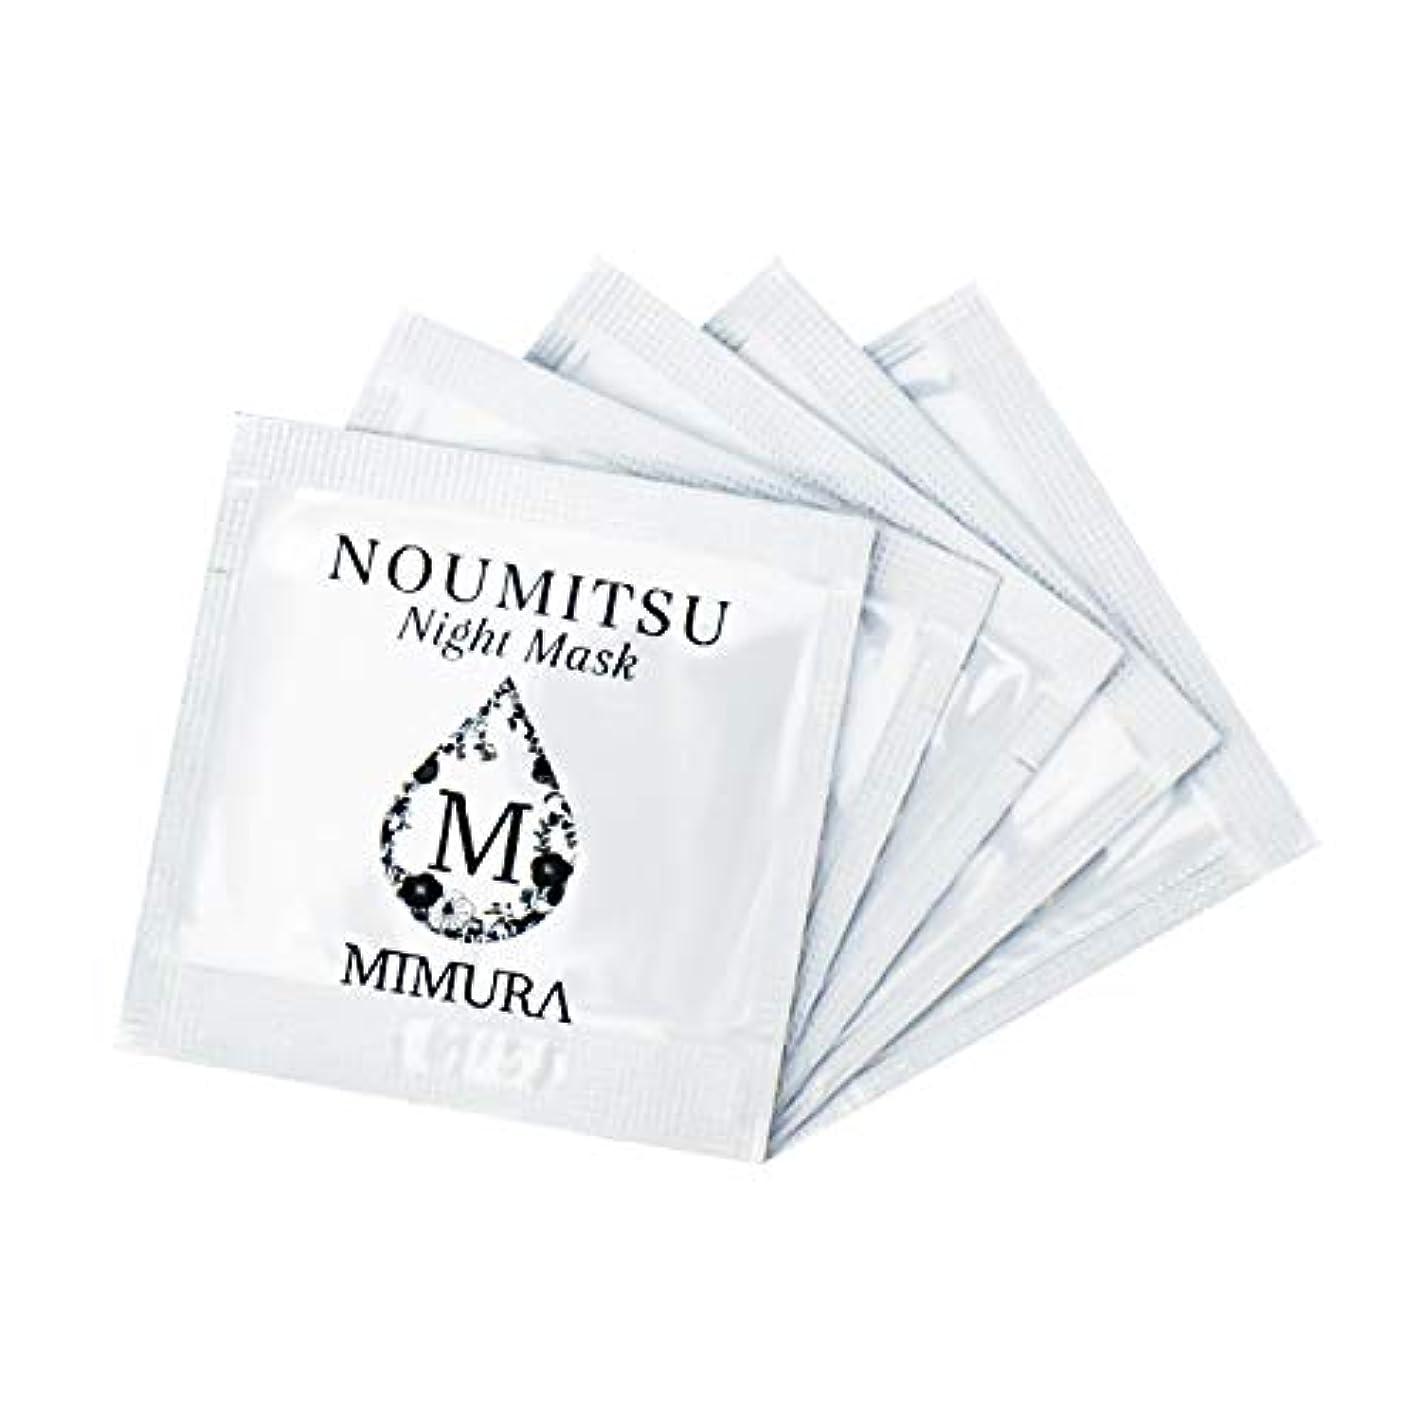 分離するアクセスできない不十分な夜用 ナイトパック アスタキサンチン ミムラ ナイトマスク NOUMITSU 試供品 5個入り ゆうパケット (ポスト投函)での発送となります。 日本製 mimura ※おひとり様1点までとなります。